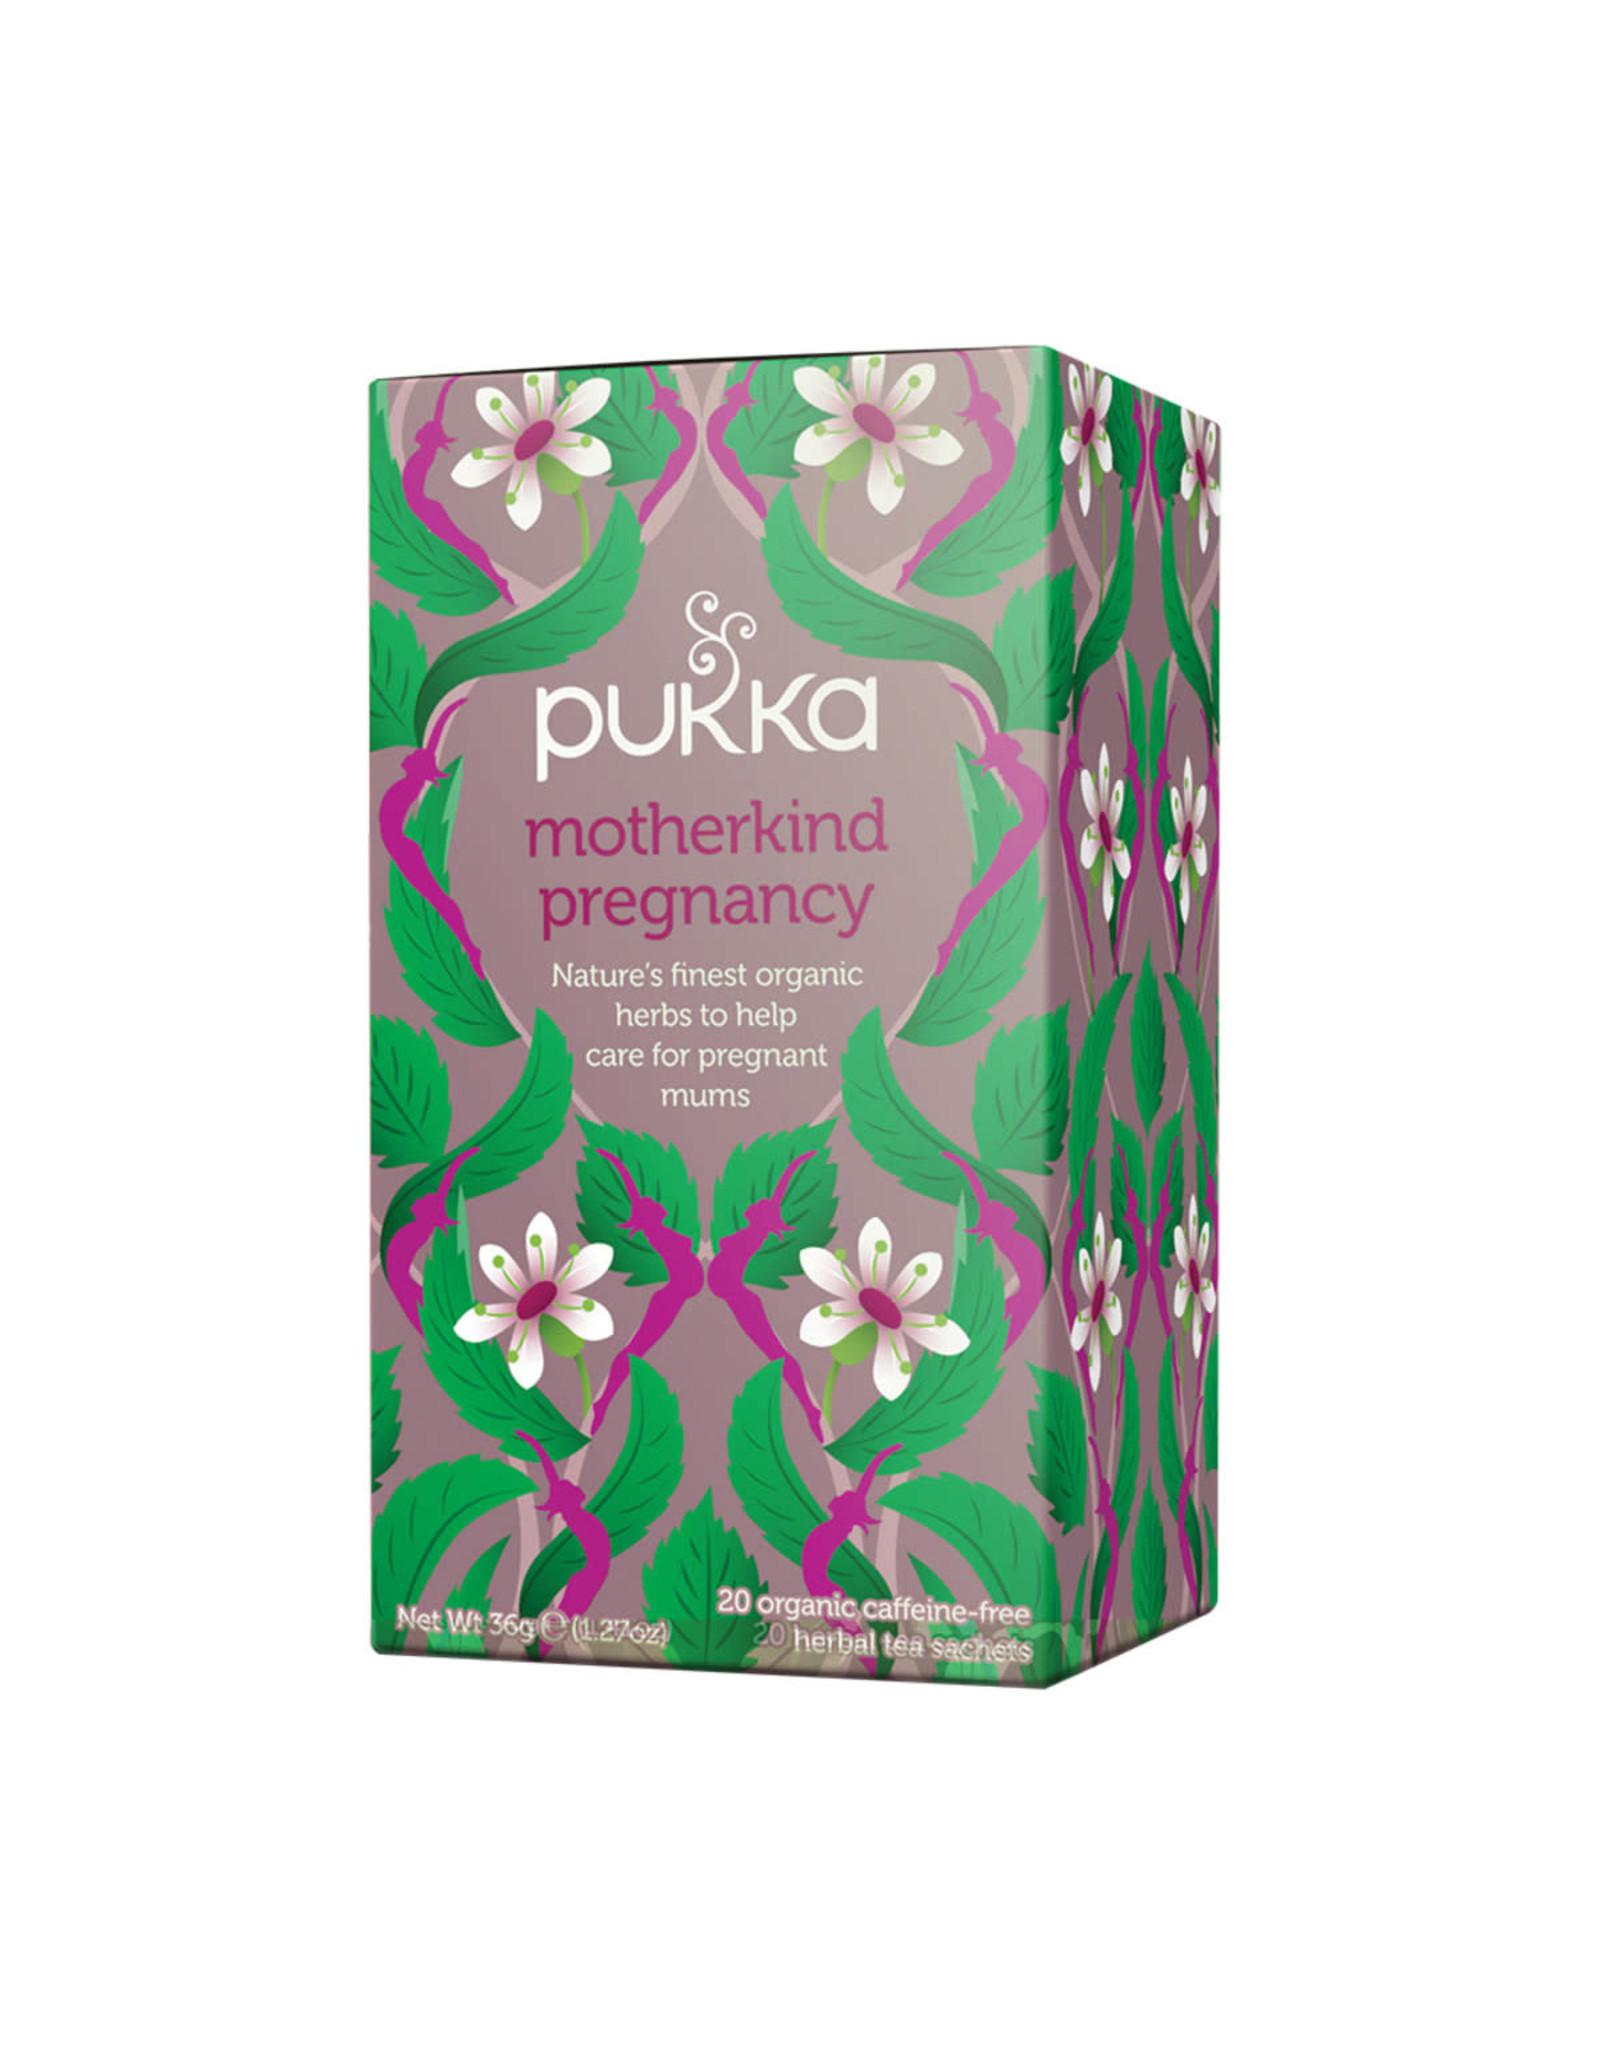 Pukka Motherkind Pregnancy x 20 Tea Bags